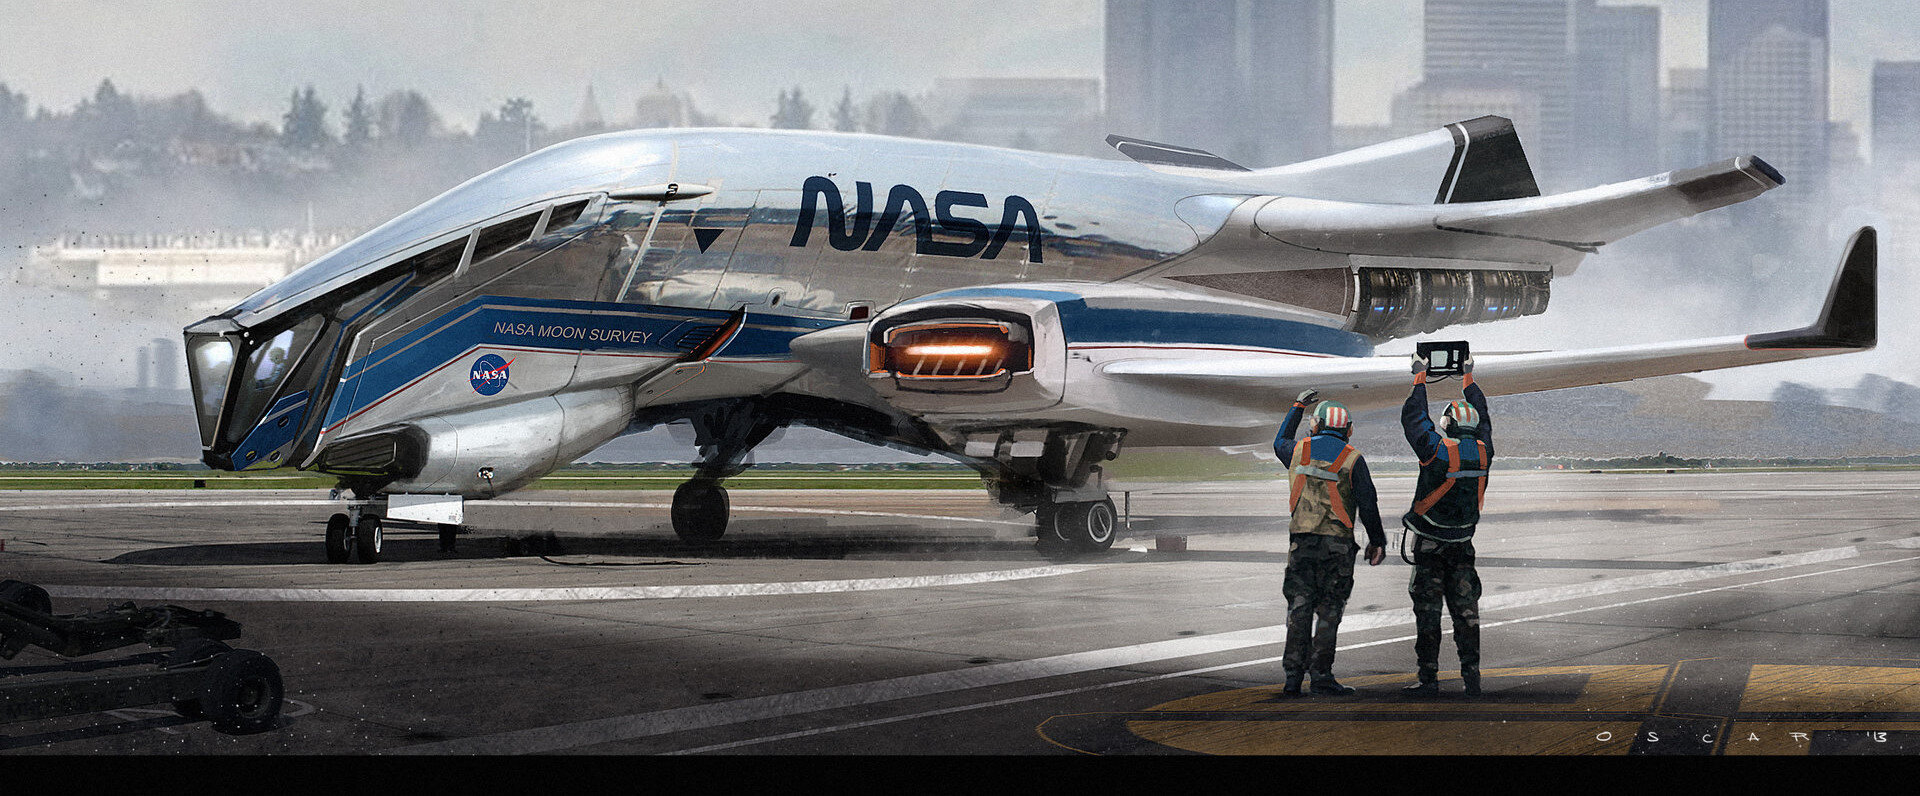 Dünyanın en büyük uzay oluşumu NASA, kargolama sistemlerine büyük önem atfediyor.